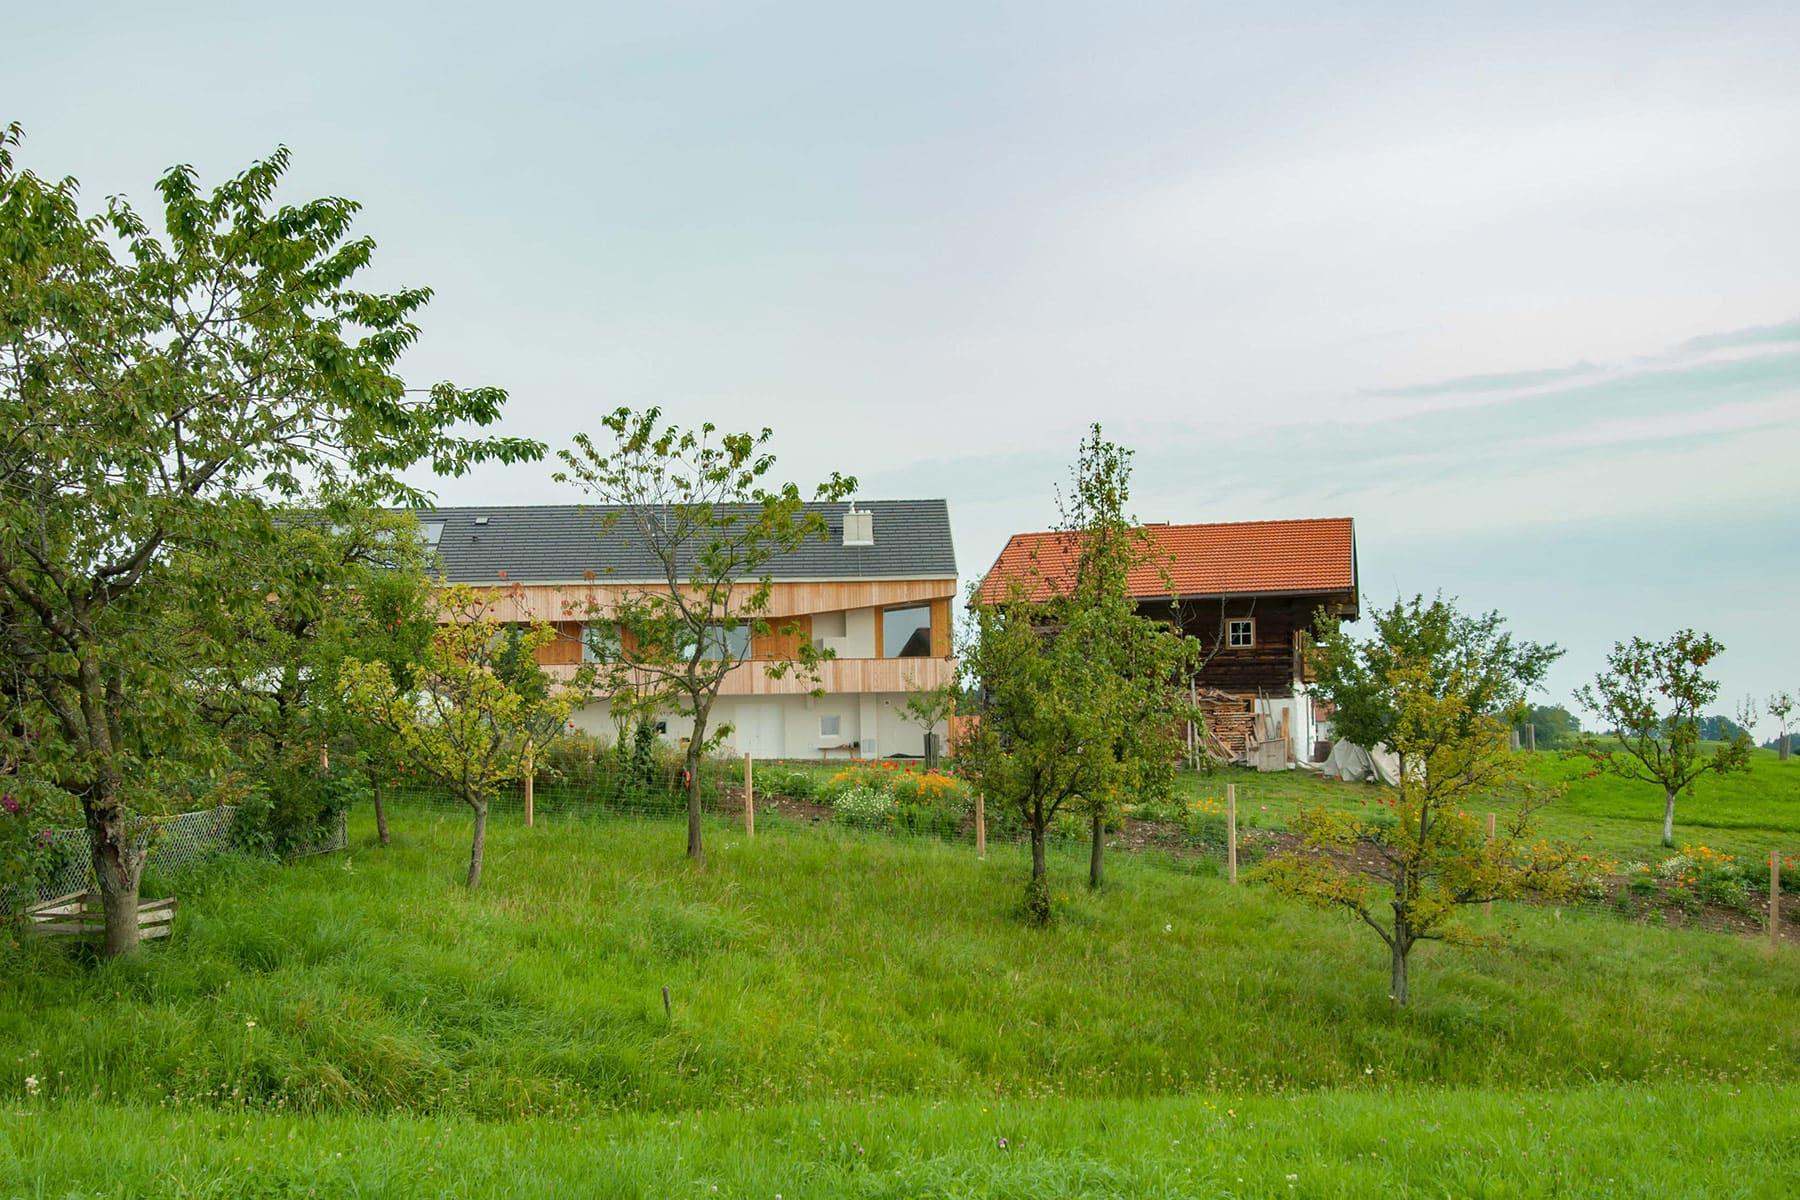 garten, holzhaus, architekt, haus, bauernhof, umbau, salzburg, landleben, loft, architektur